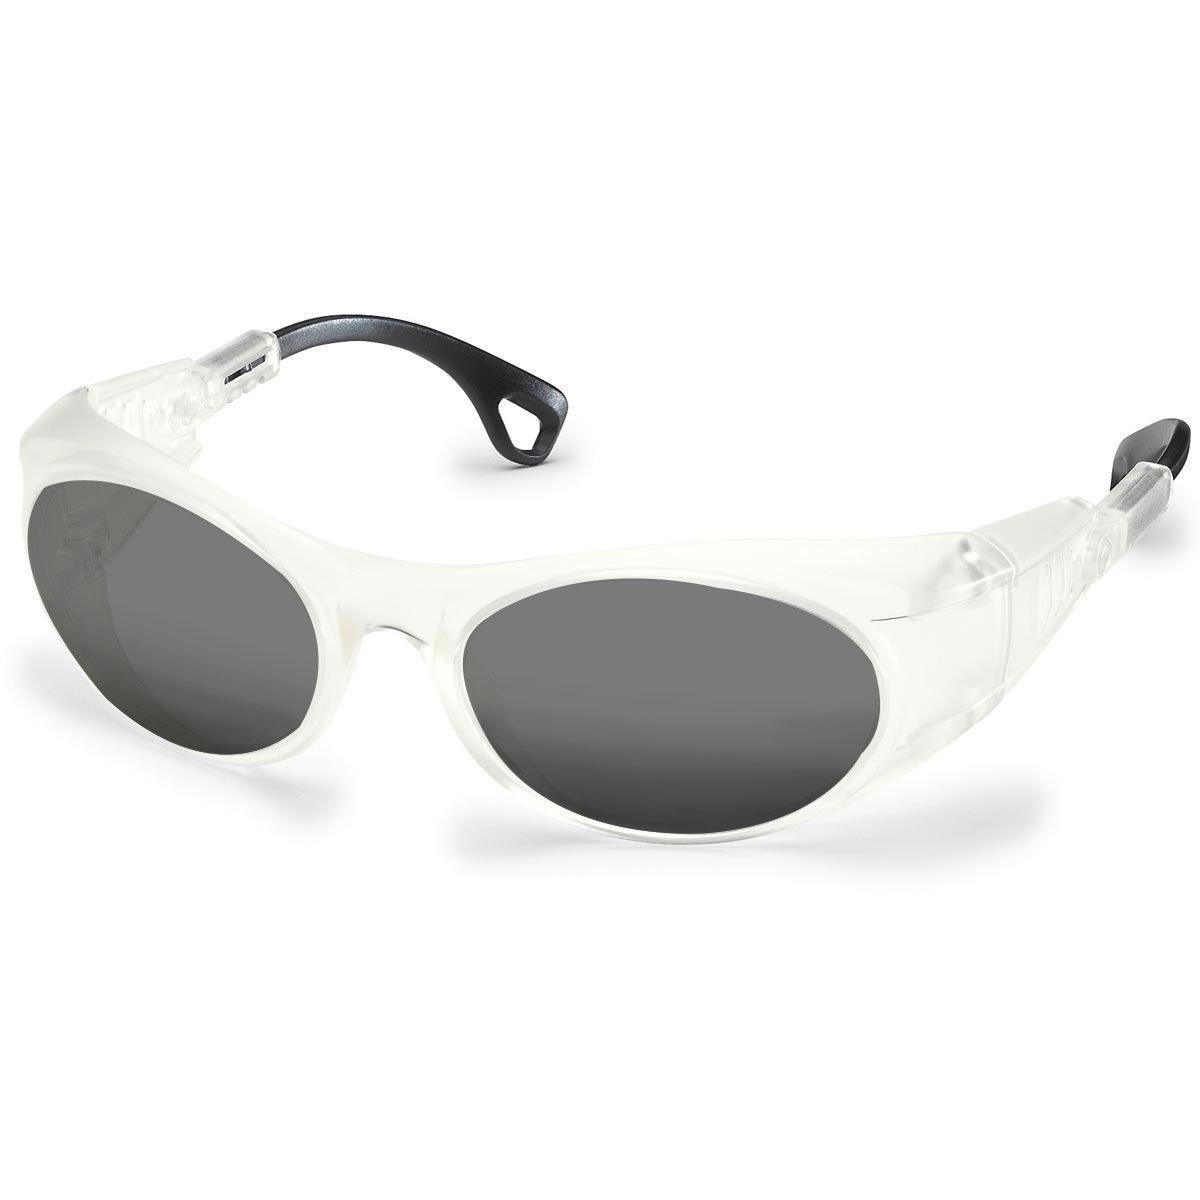 Uvex Korrektionsschutzbrille RX cd 5505 matt - grau getönt